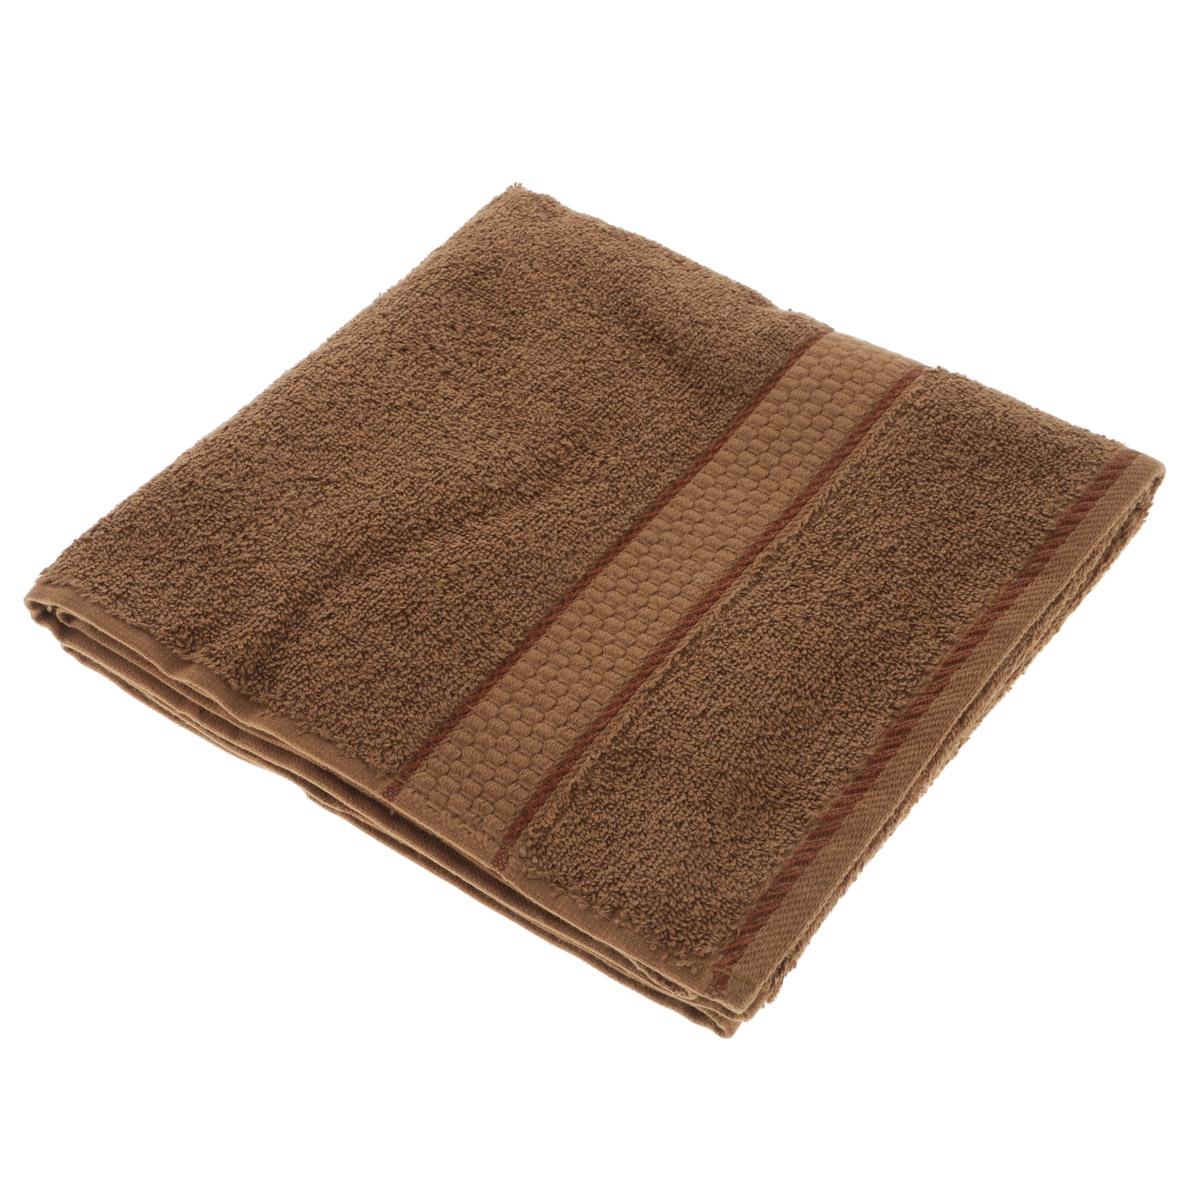 Полотенце махровое Osborn Textile, цвет: коричневый, 50 см х 90 смУзТ-МПМ-004-01-20В состав полотенца Osborn Textile входит только натуральное волокно - хлопок. Лаконичные бордюры подойдут для любого интерьера ванной комнаты. Полотенце прекрасно впитывает влагу и быстро сохнет. При соблюдении рекомендаций по уходу не линяет и не теряет форму даже после многократных стирок. Плотность: 450 г/м2.